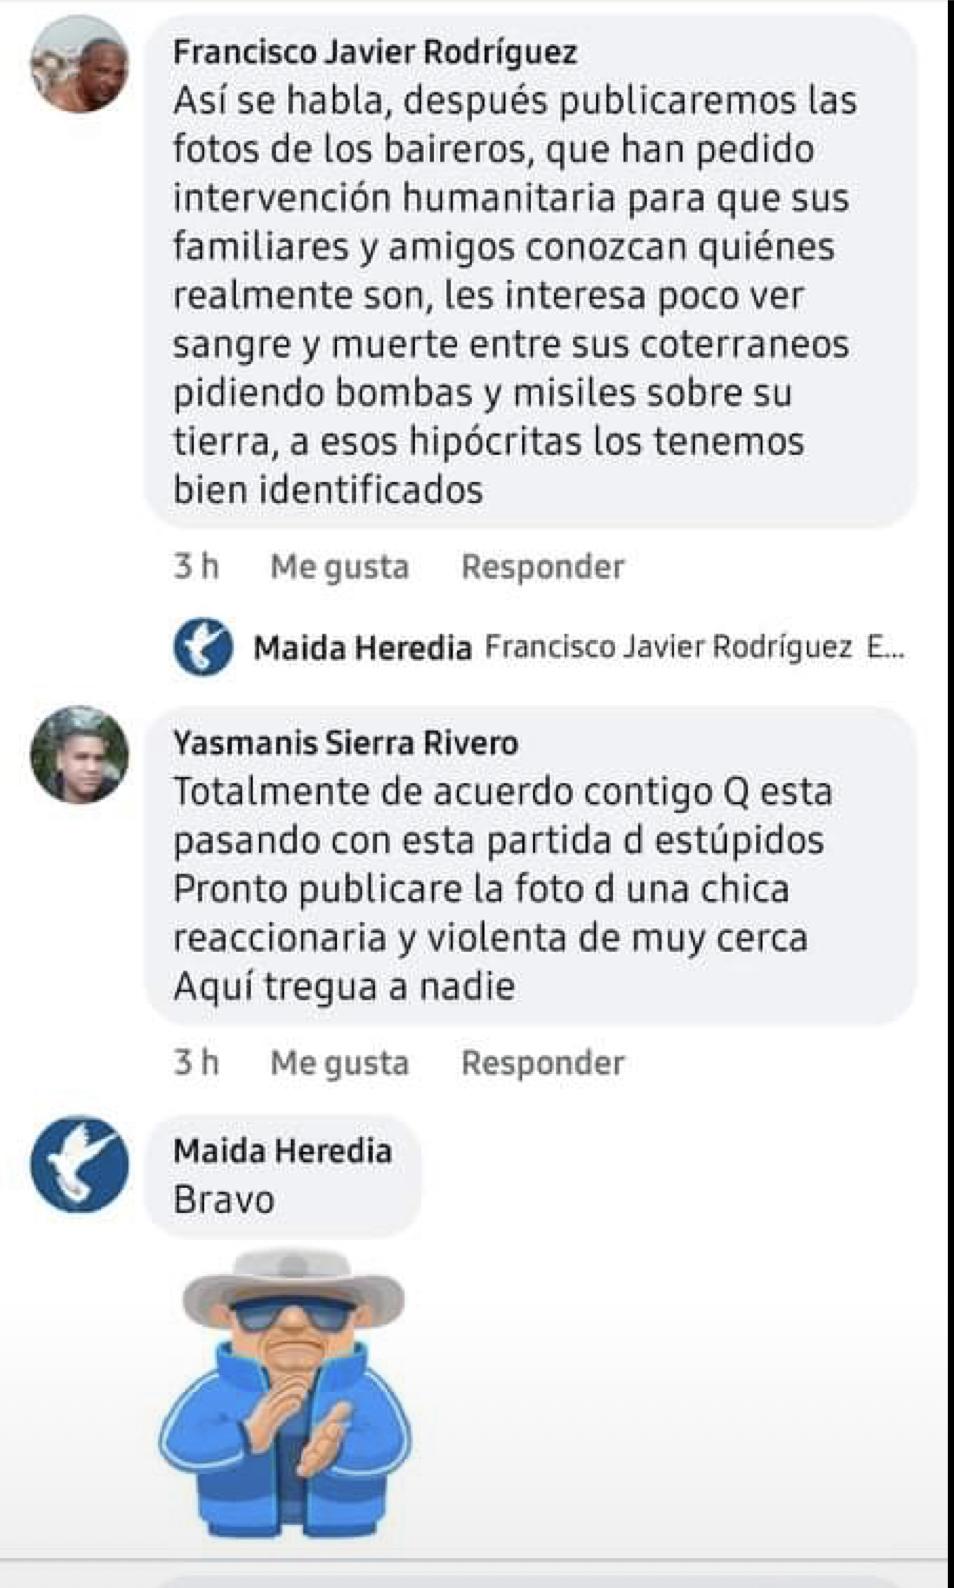 Yasmanis Sierra Rivero